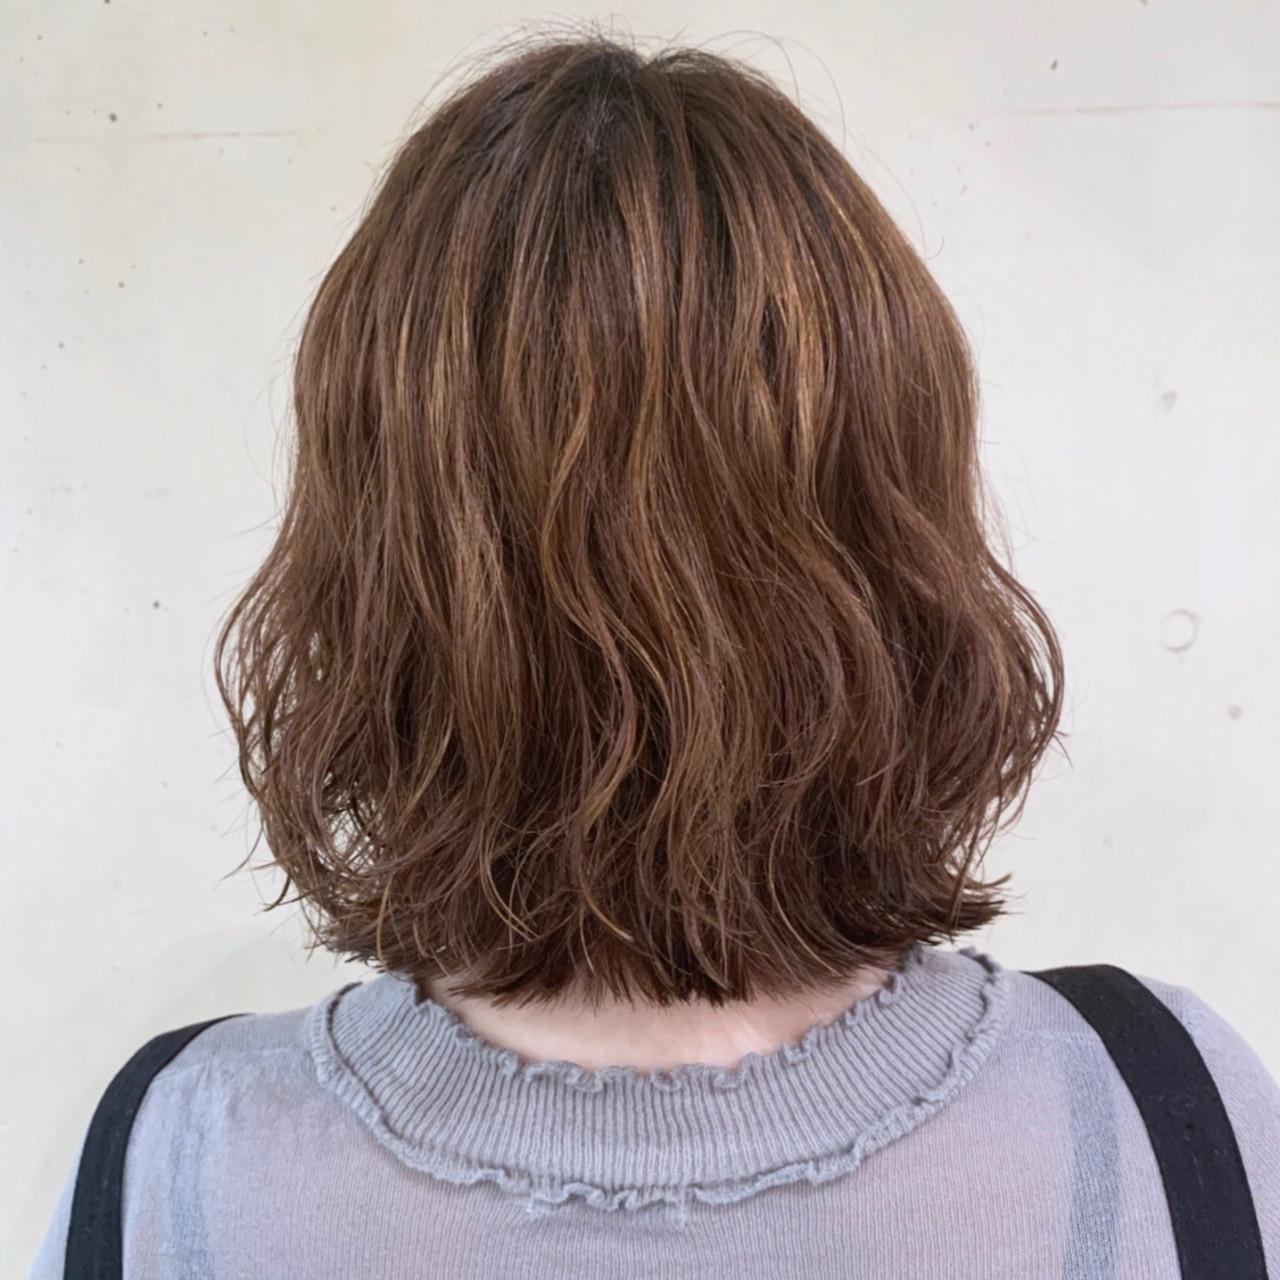 大人かわいい コテ巻き風パーマ  ボブ ヘアスタイルや髪型の写真・画像